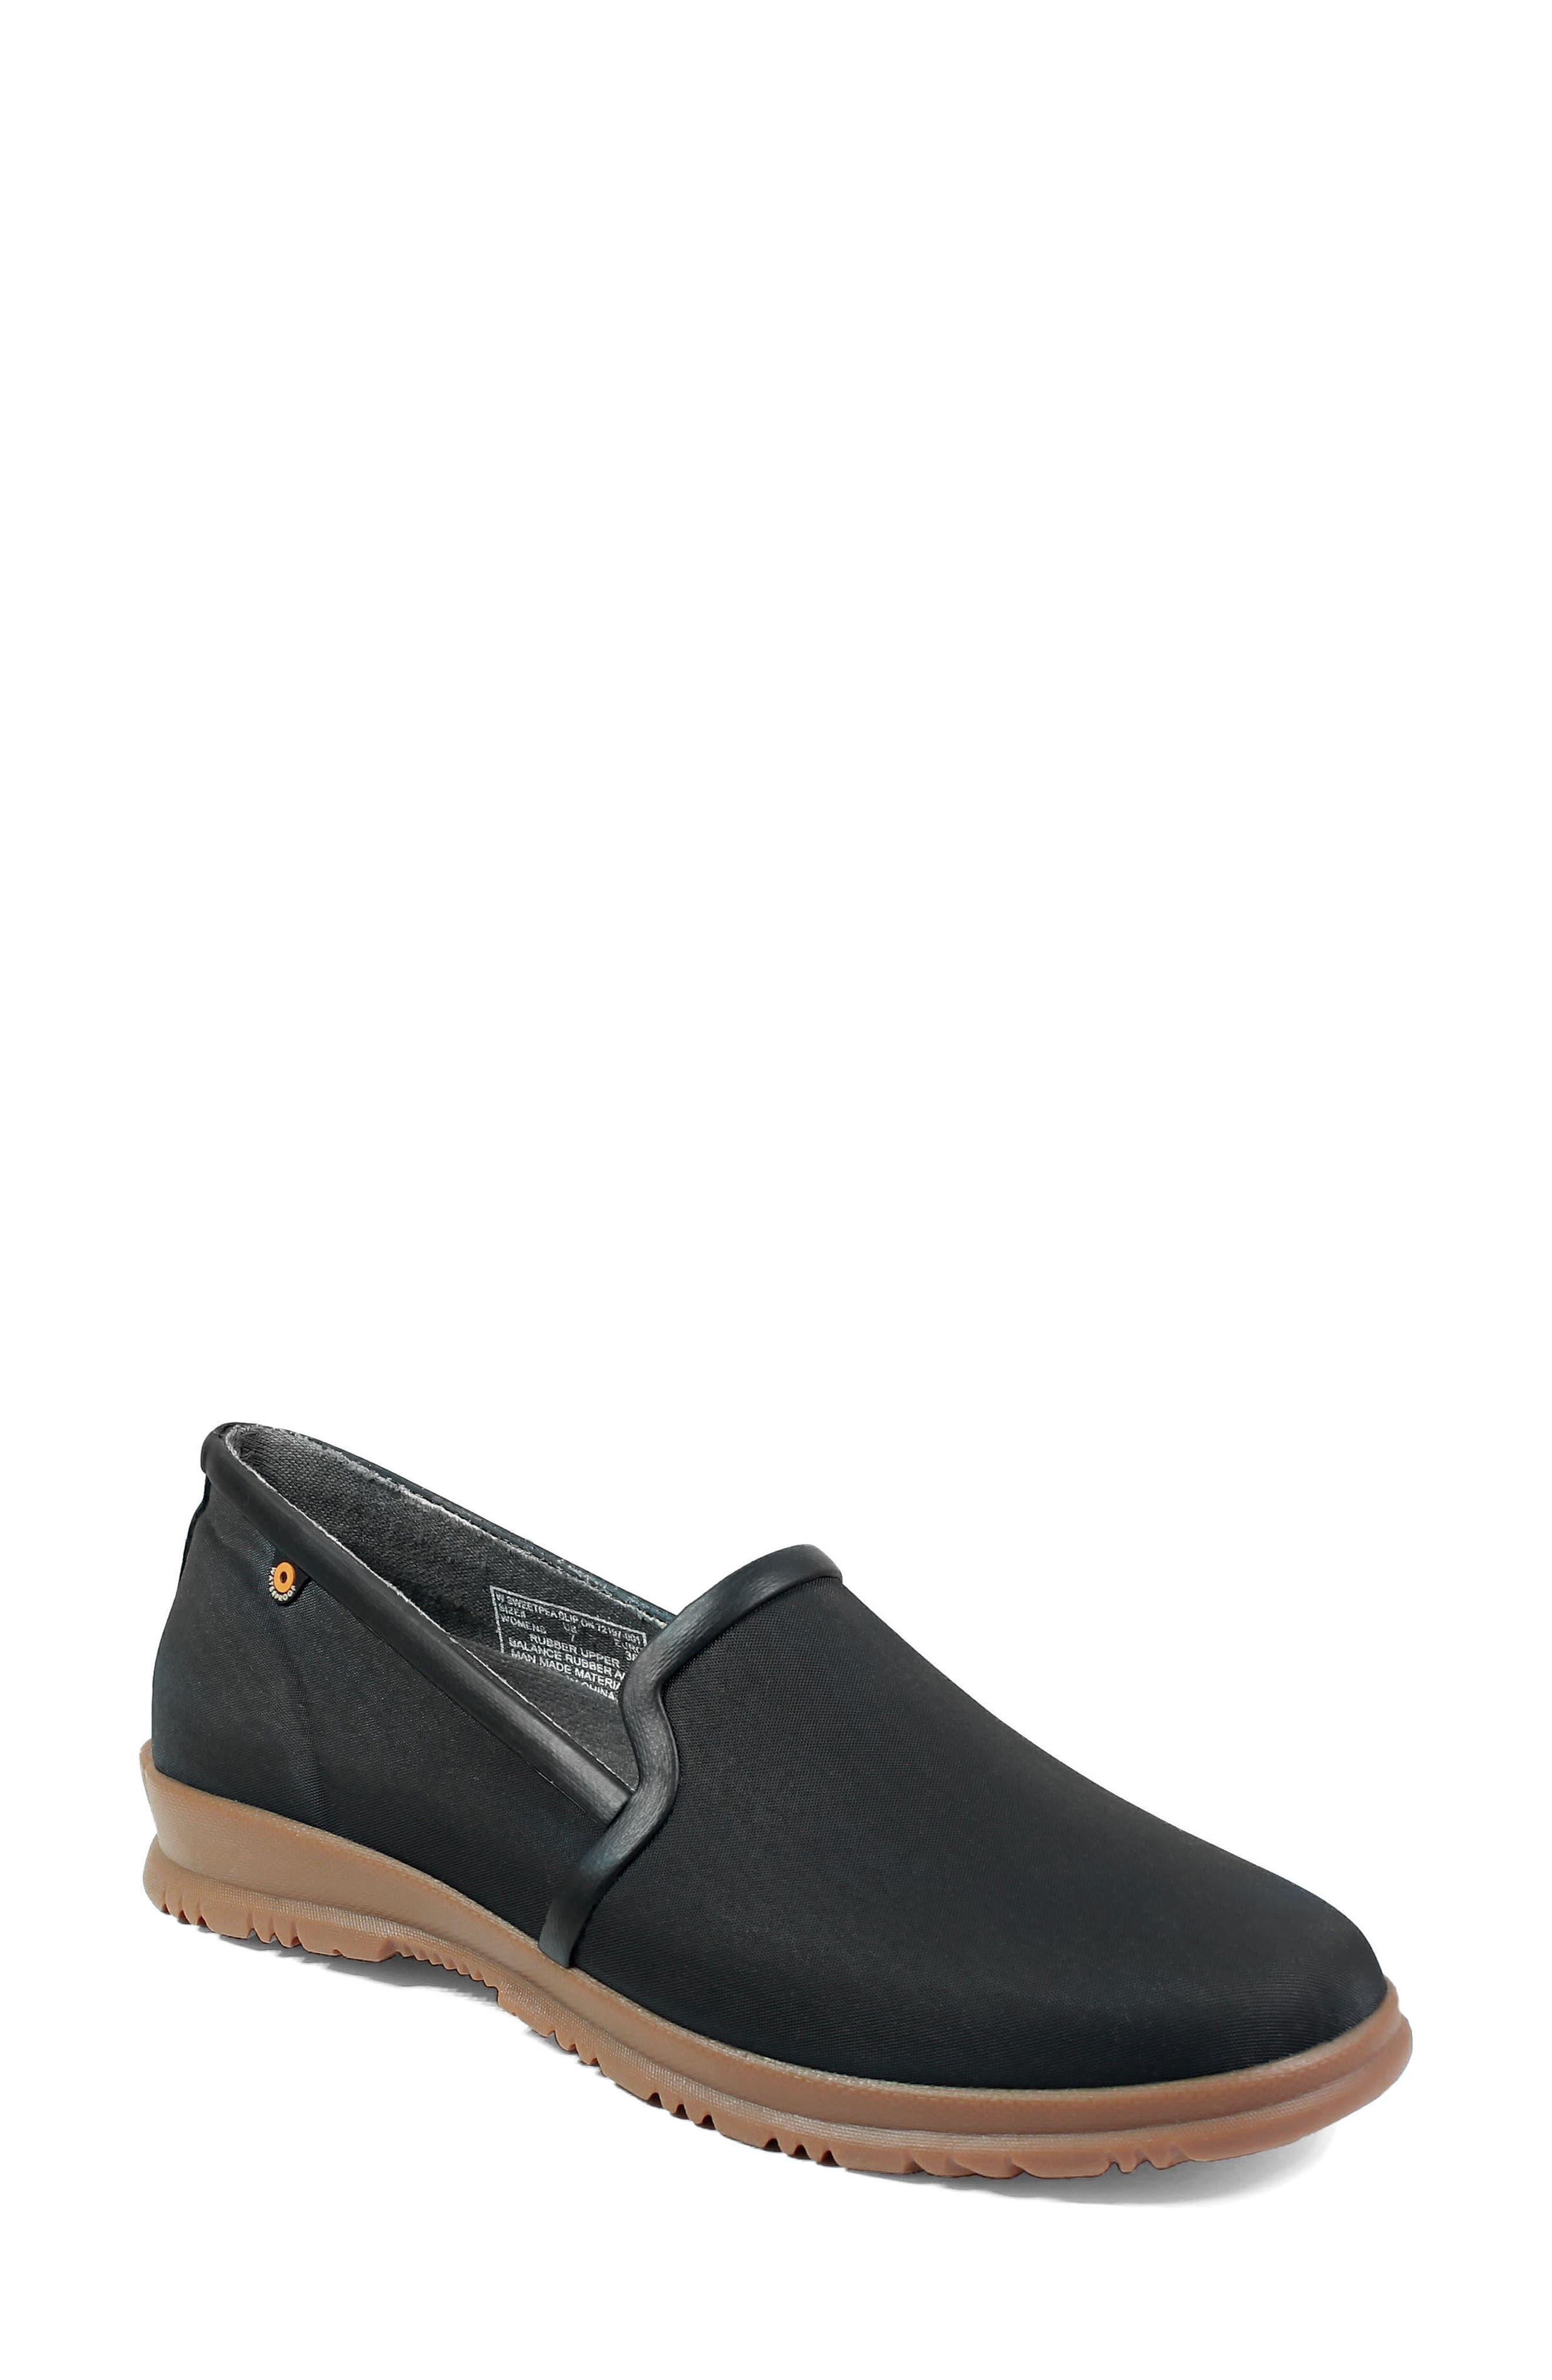 Sweetpea Waterproof Slip-On Sneaker